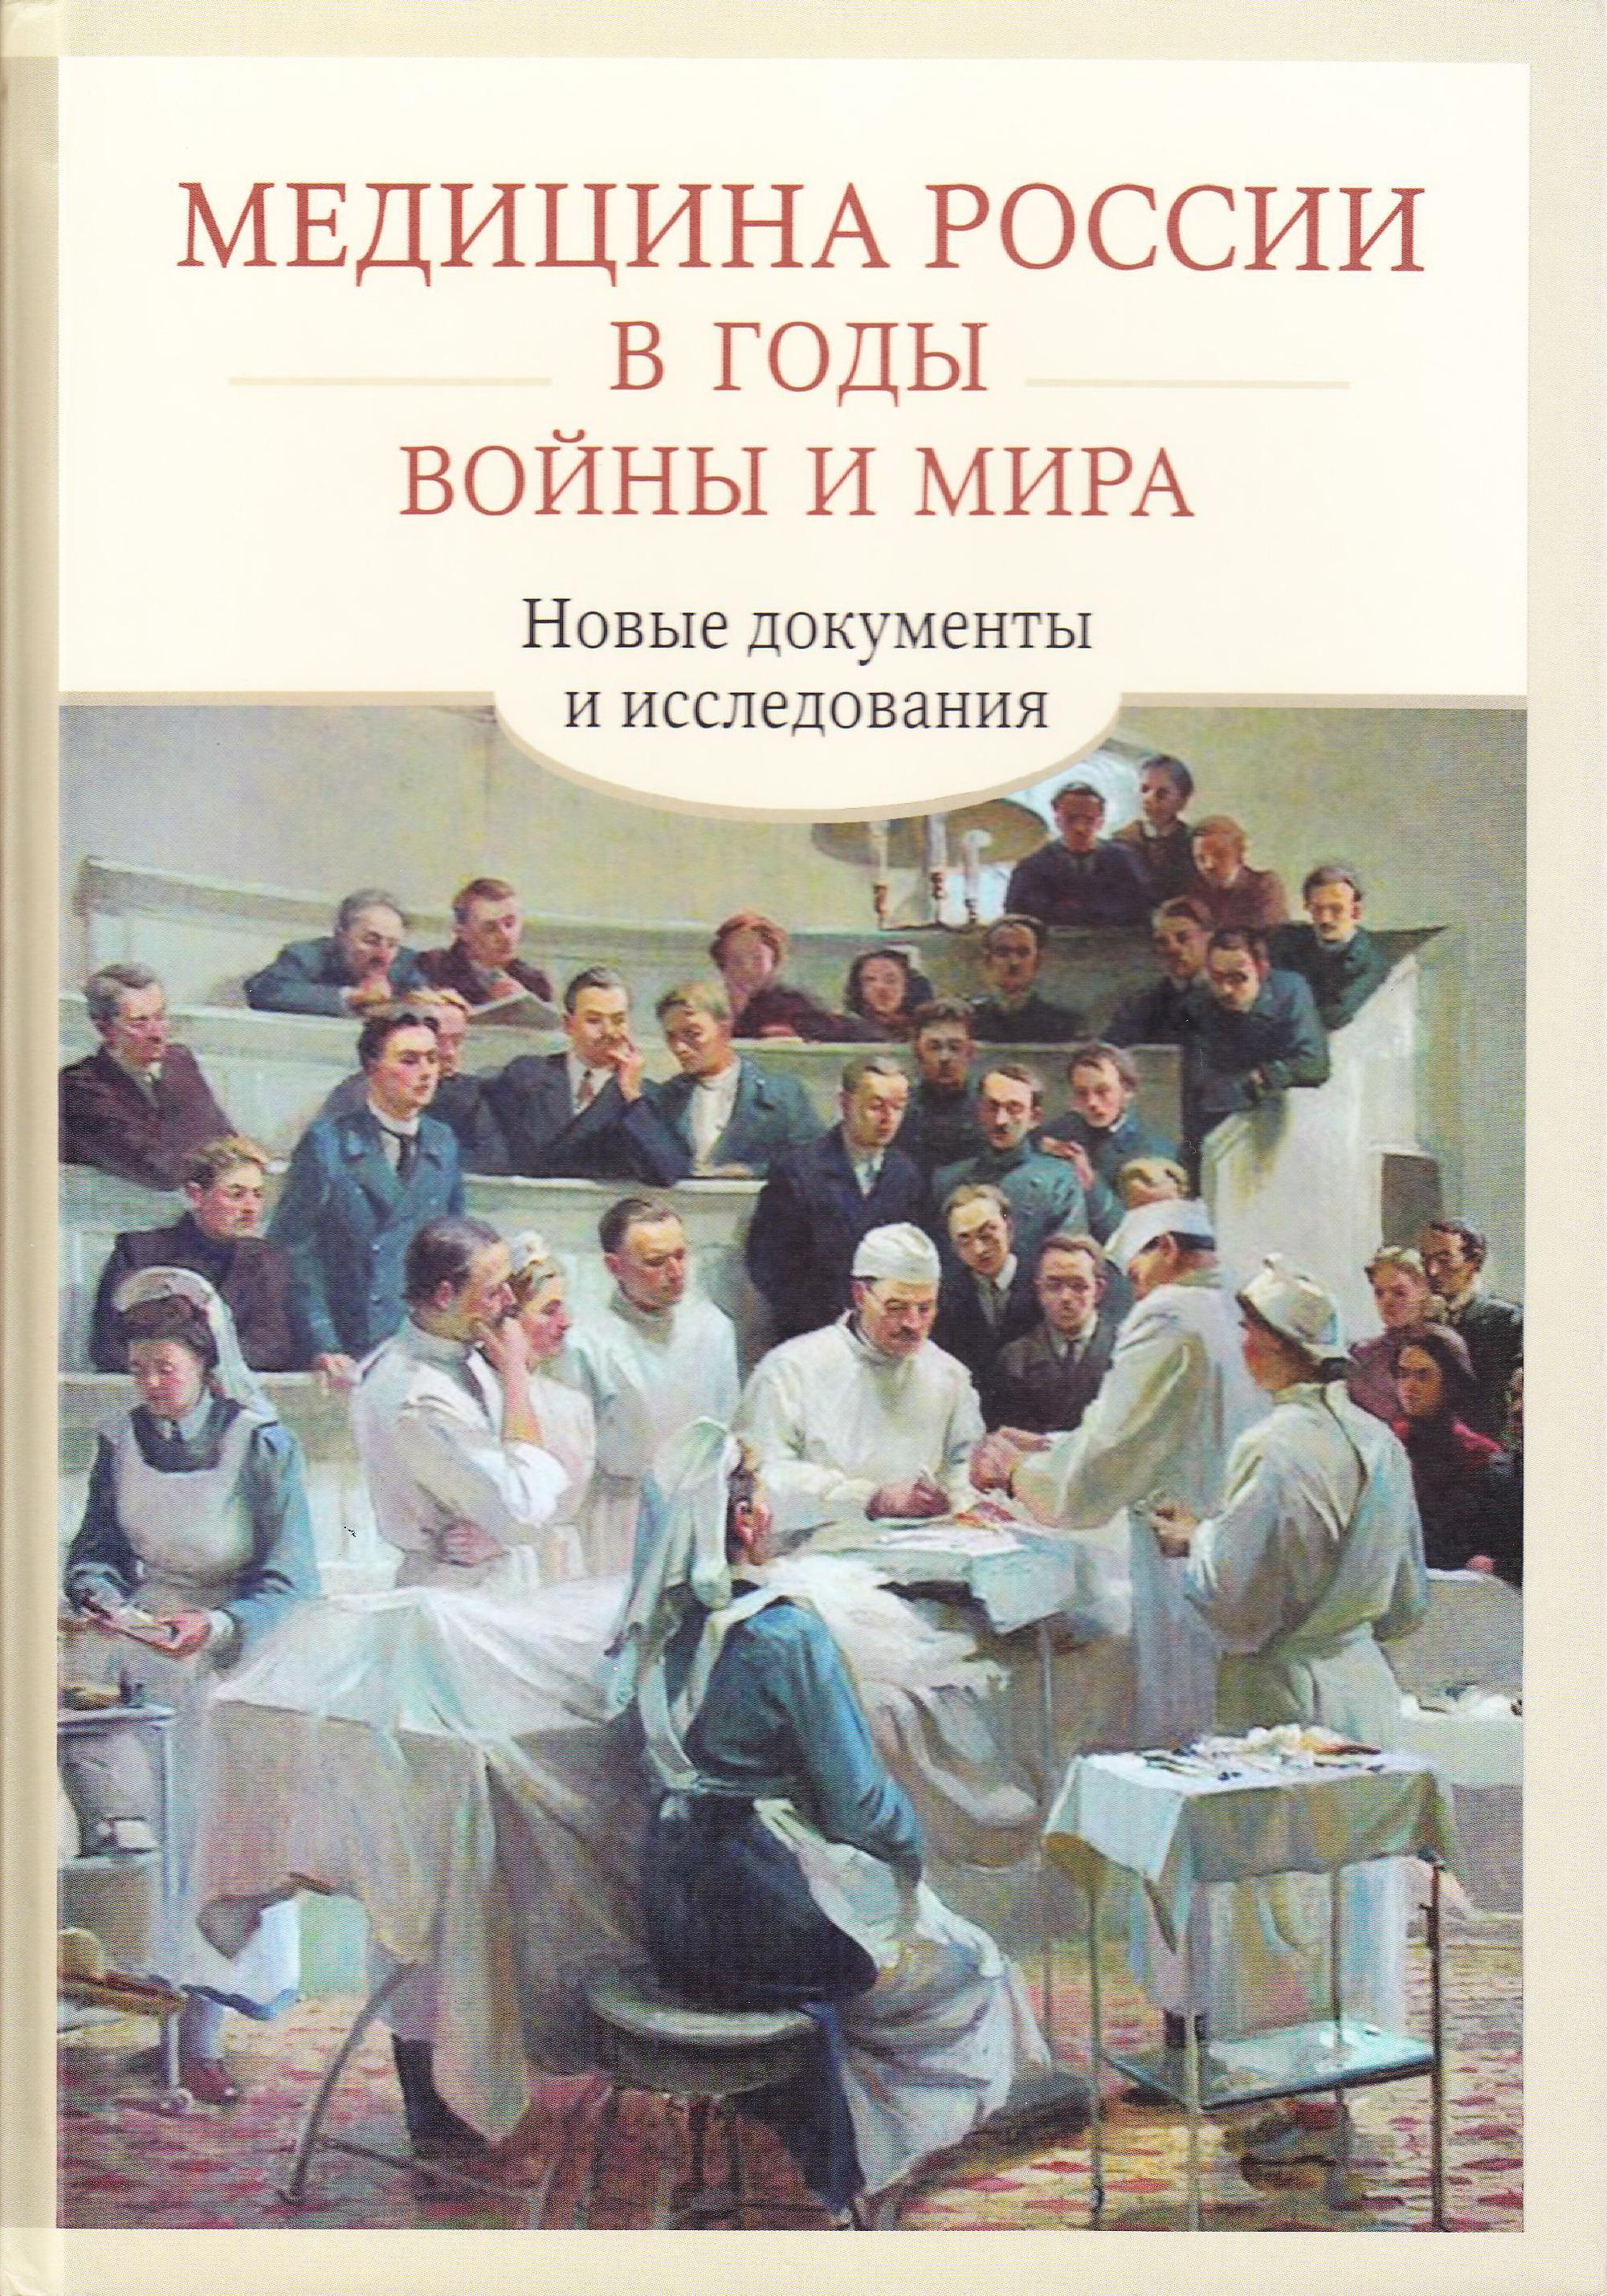 Пироговские съезды врачей о «недугах» социального развития России начала XX века